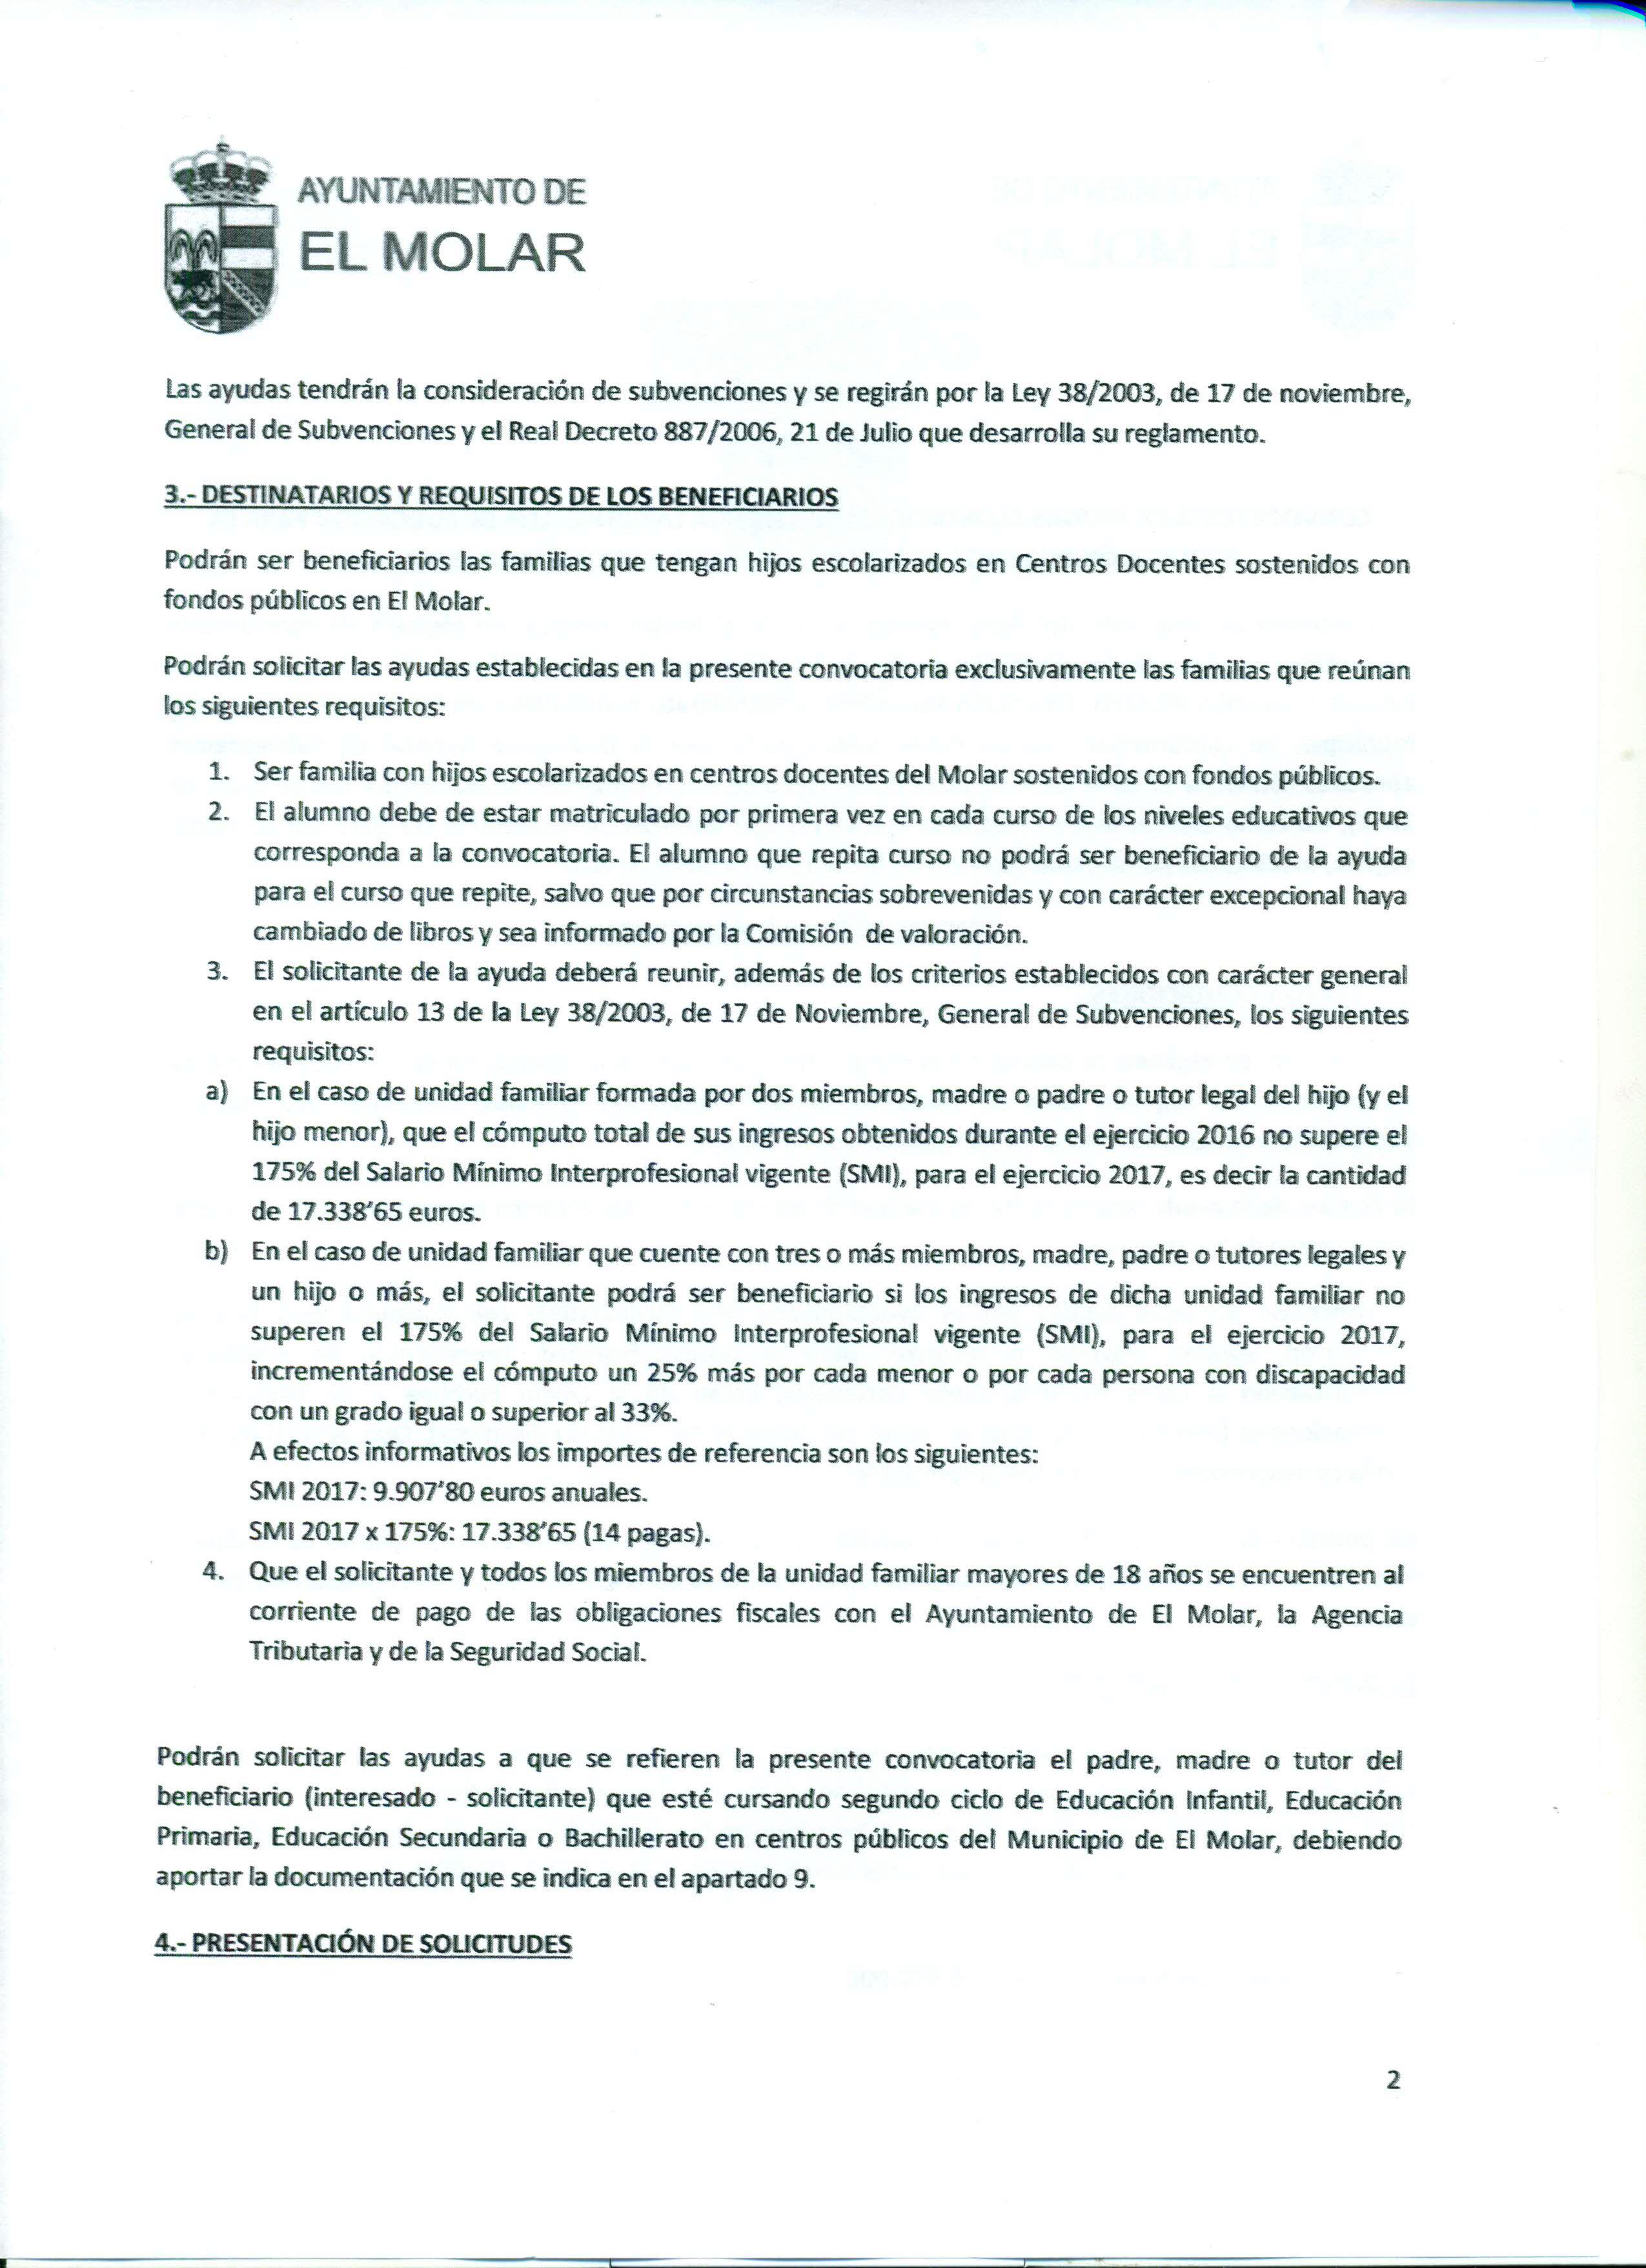 Convocatoria de ayudas económicas, que otorga la Concejalía de Educación del Ayuntamiento de El Molar, para la adquisición de libros de texto para el curso académico 2017-2018 5